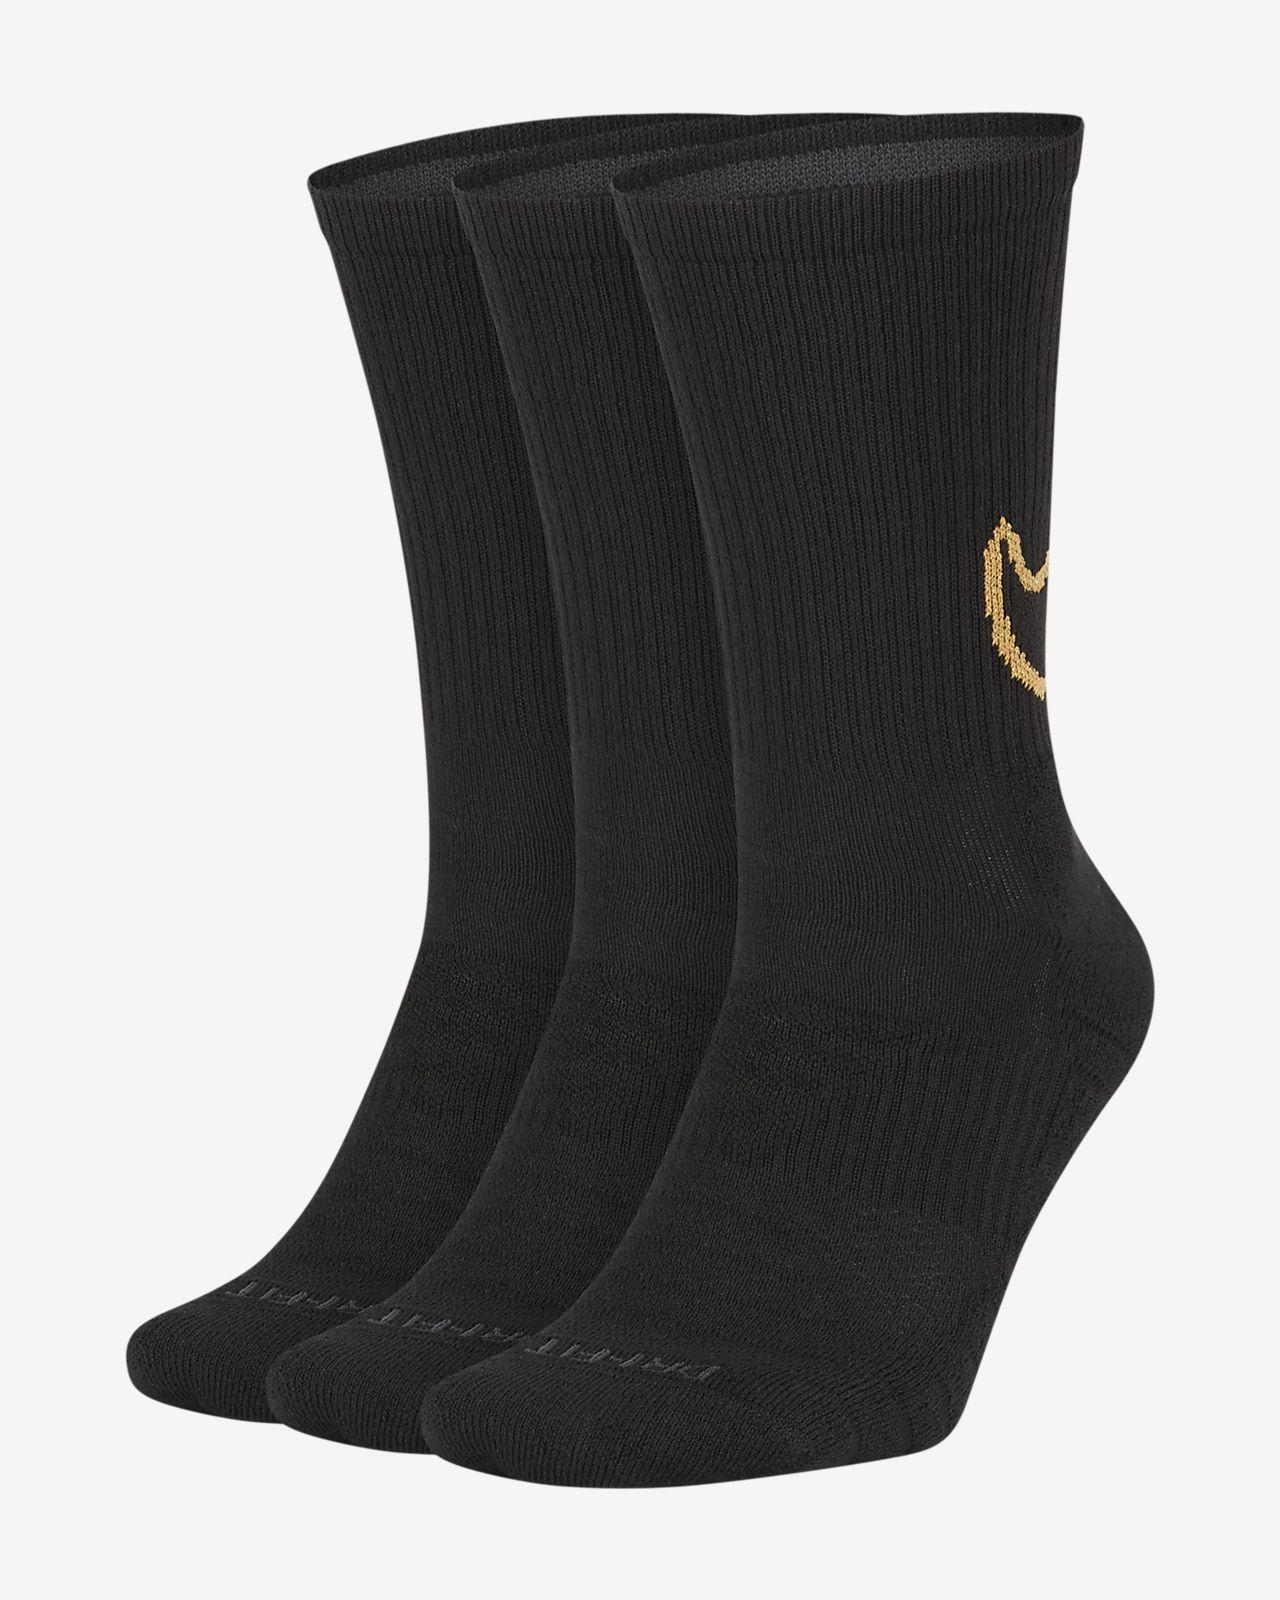 Chaussettes de training mi-mollet rembourrées Nike Everyday Max (3 paires)